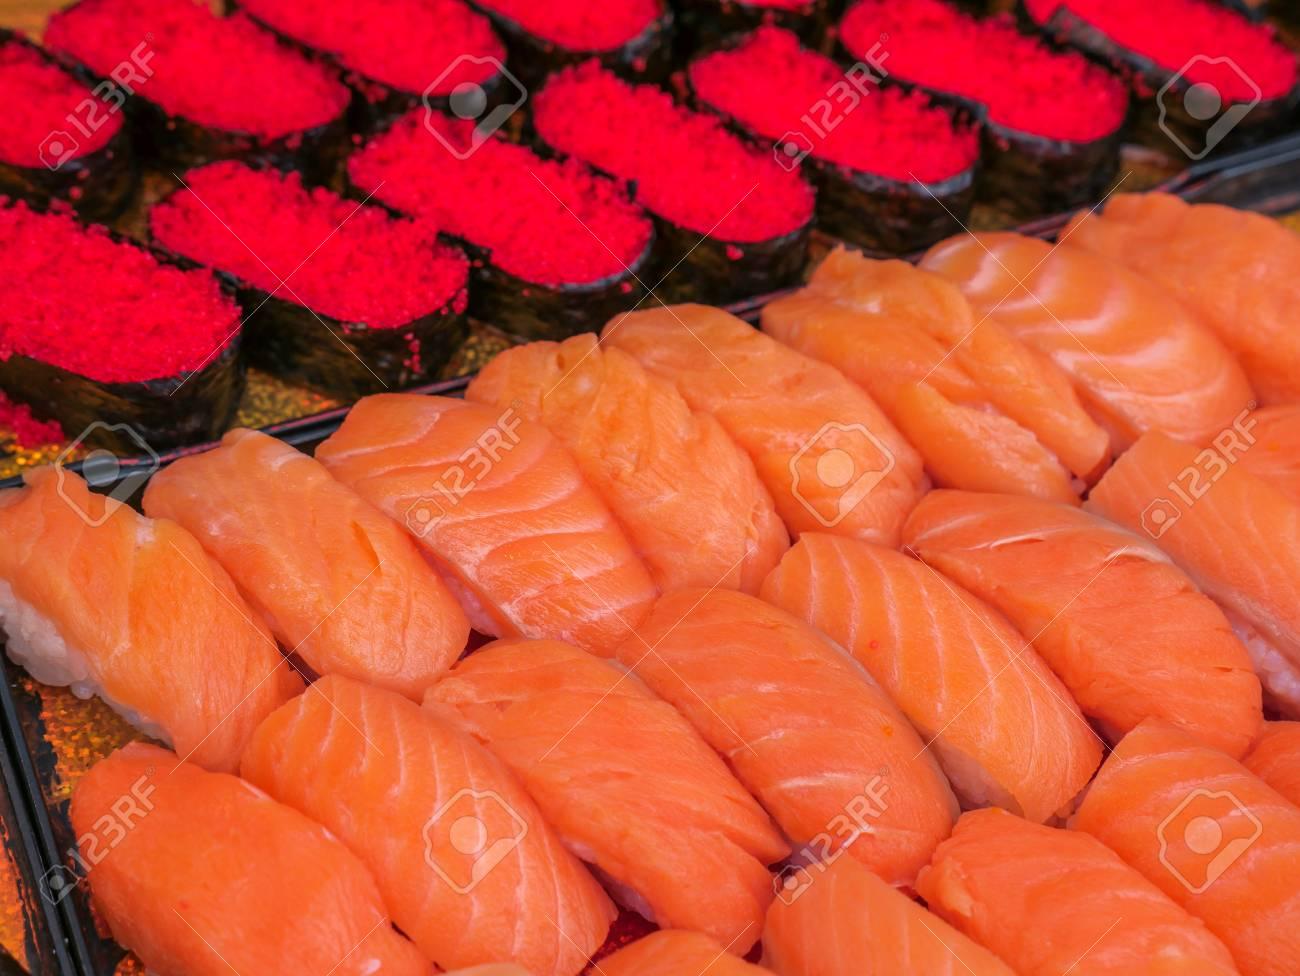 salmon nigiri, salmon sushi with tobiko (flying fish egg) sushi